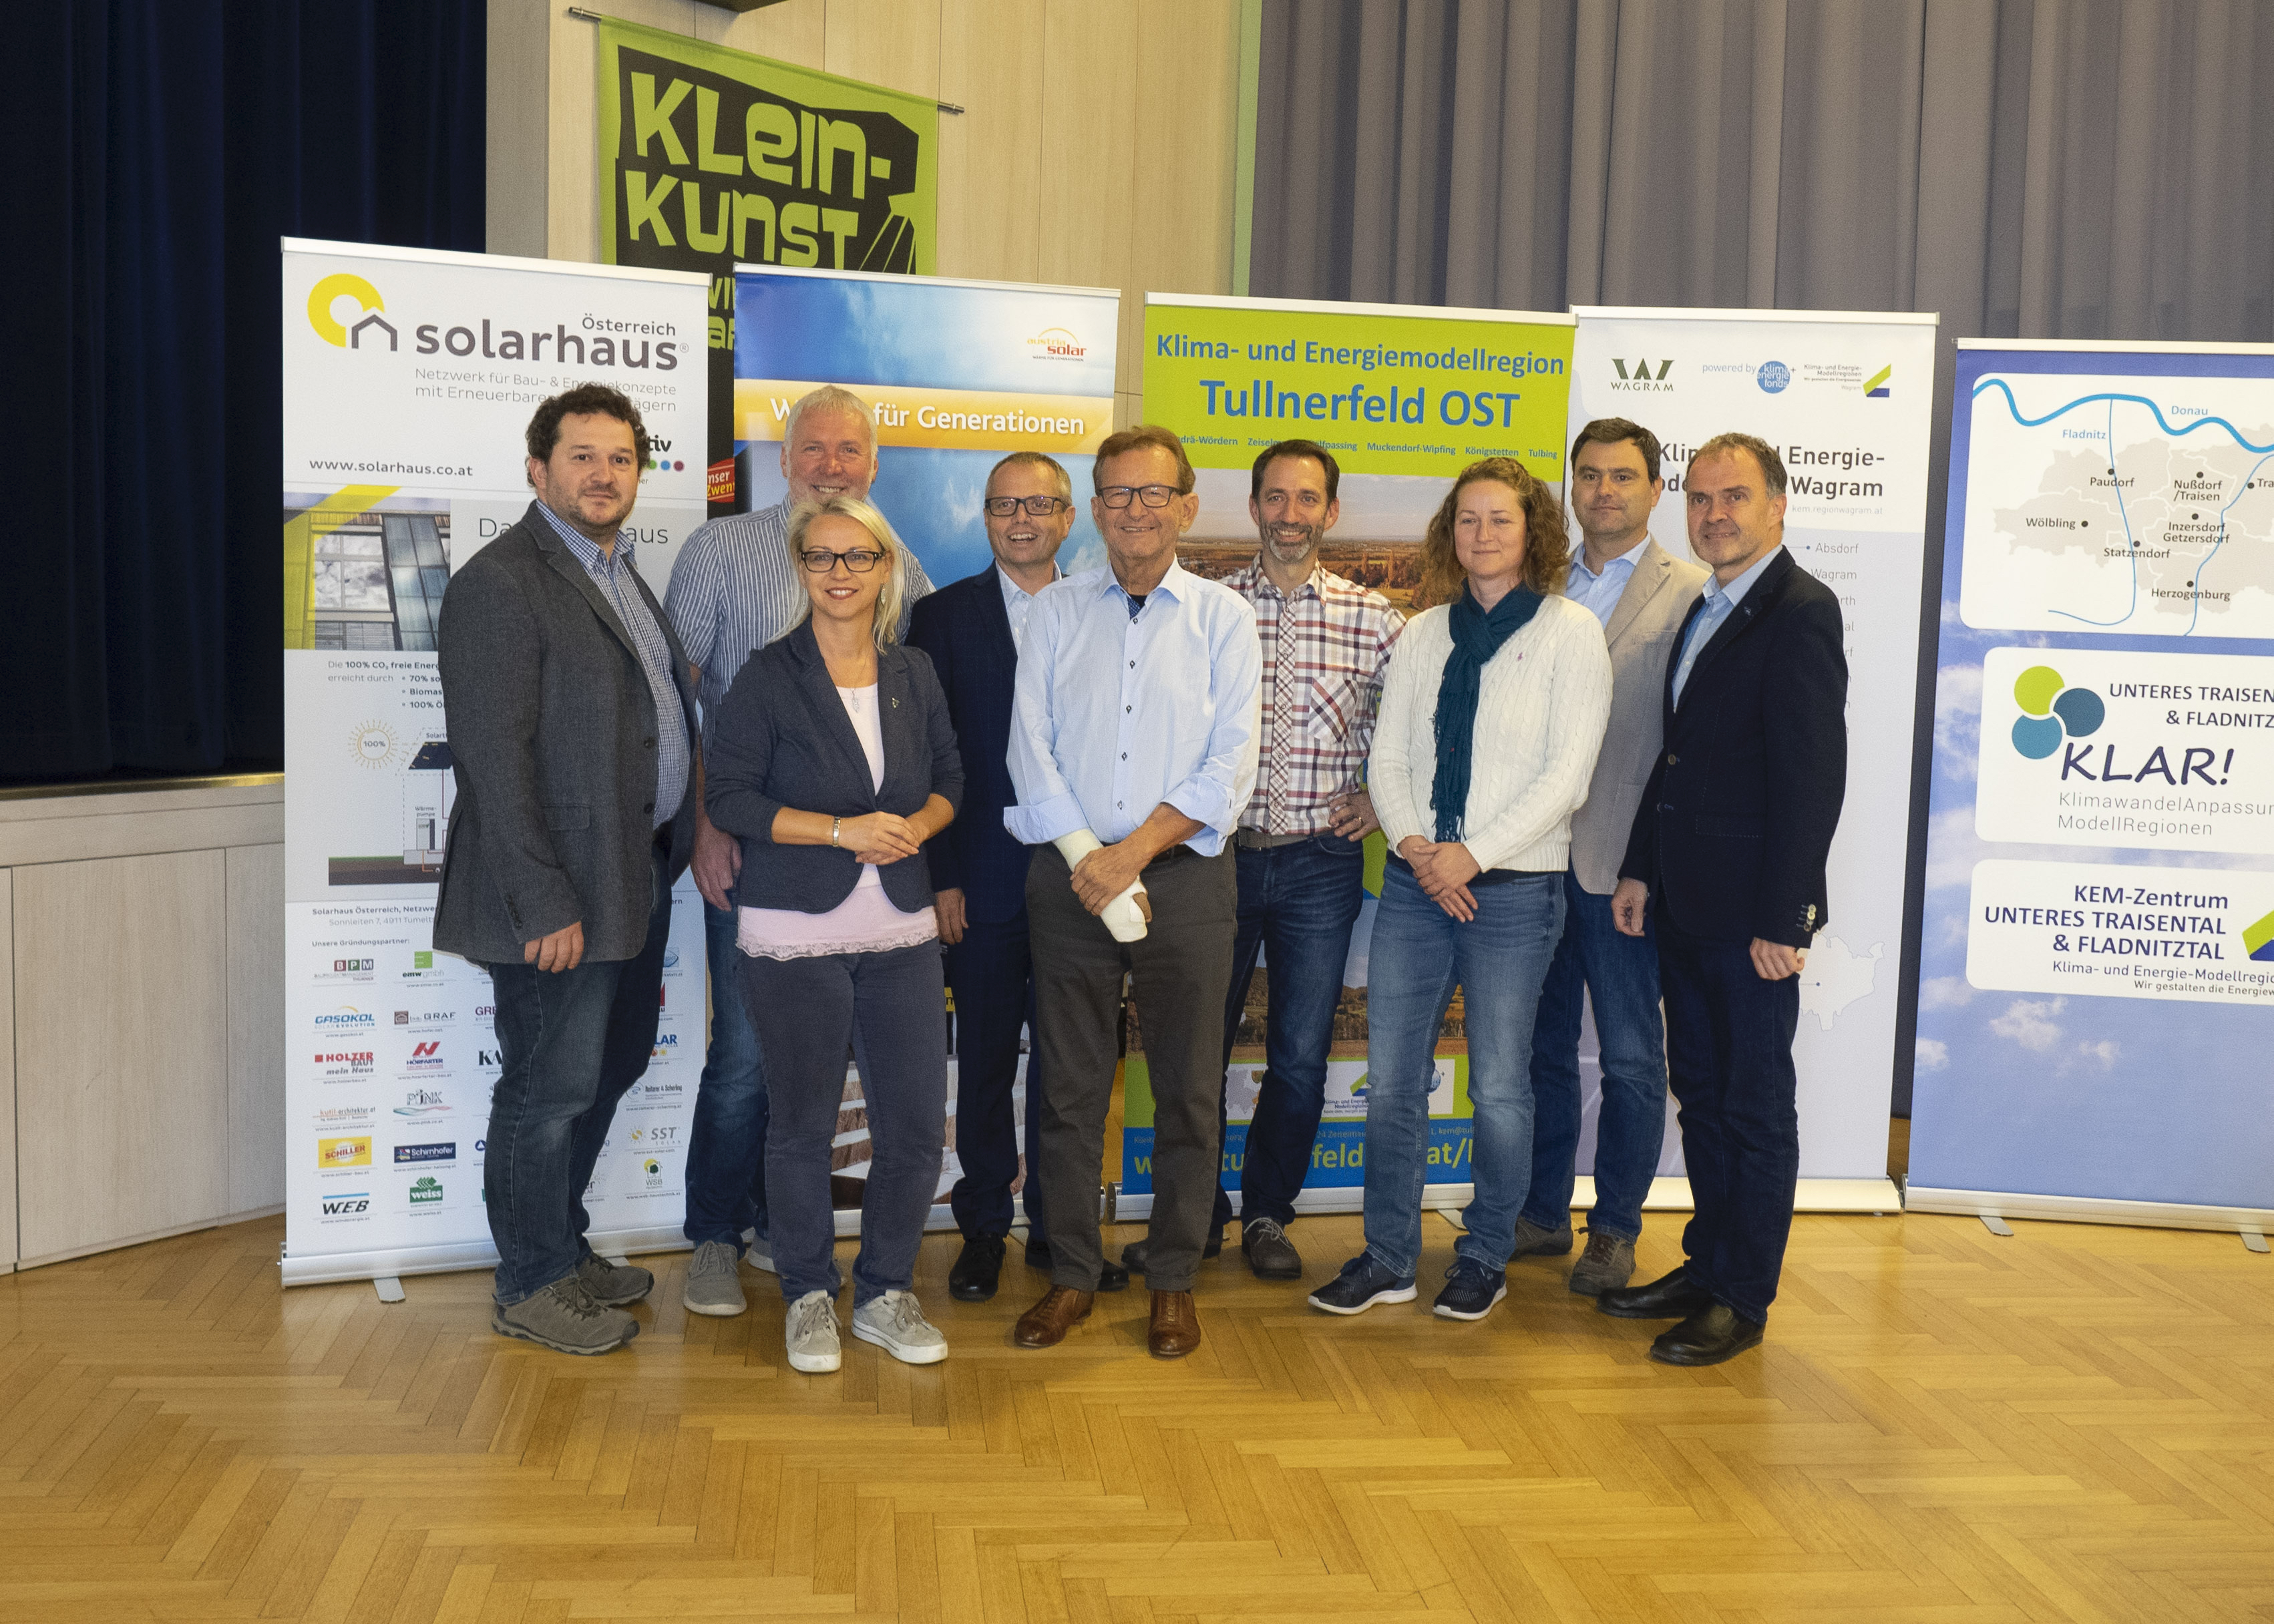 Frau Bürgermeister Marion Török eröffnete das Vernetzungstreffen der vier KEM-Regionen mit Solarhaus Östereich